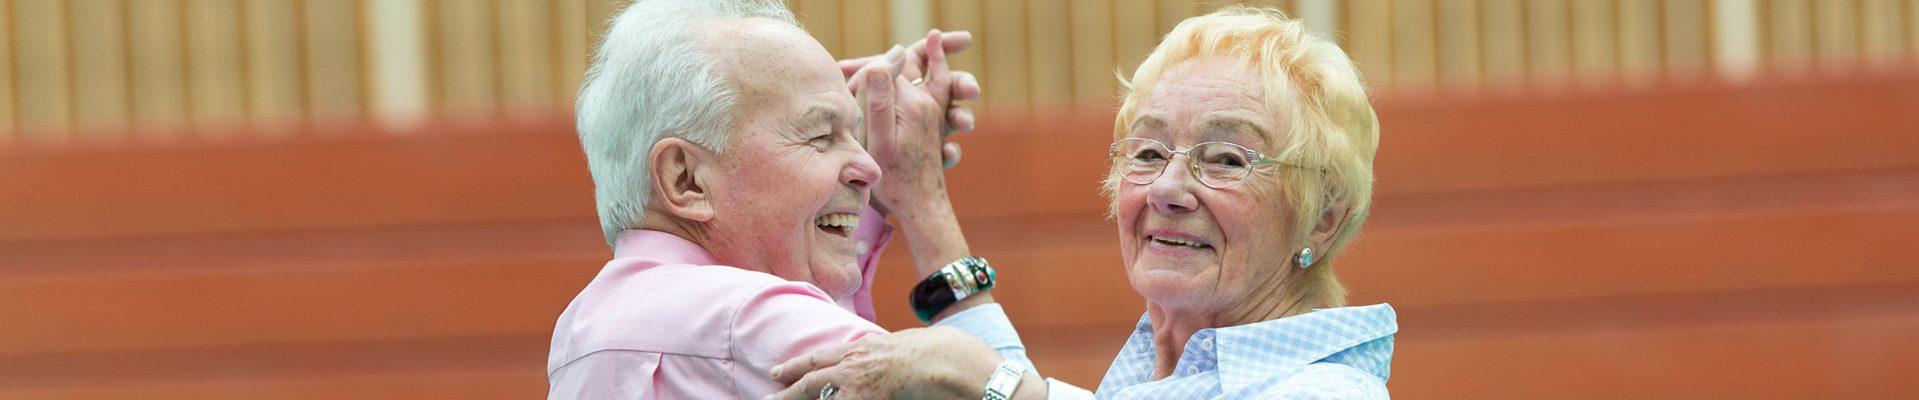 Bewegt ÄLTER werden in NRW! Seniorentanzpaar